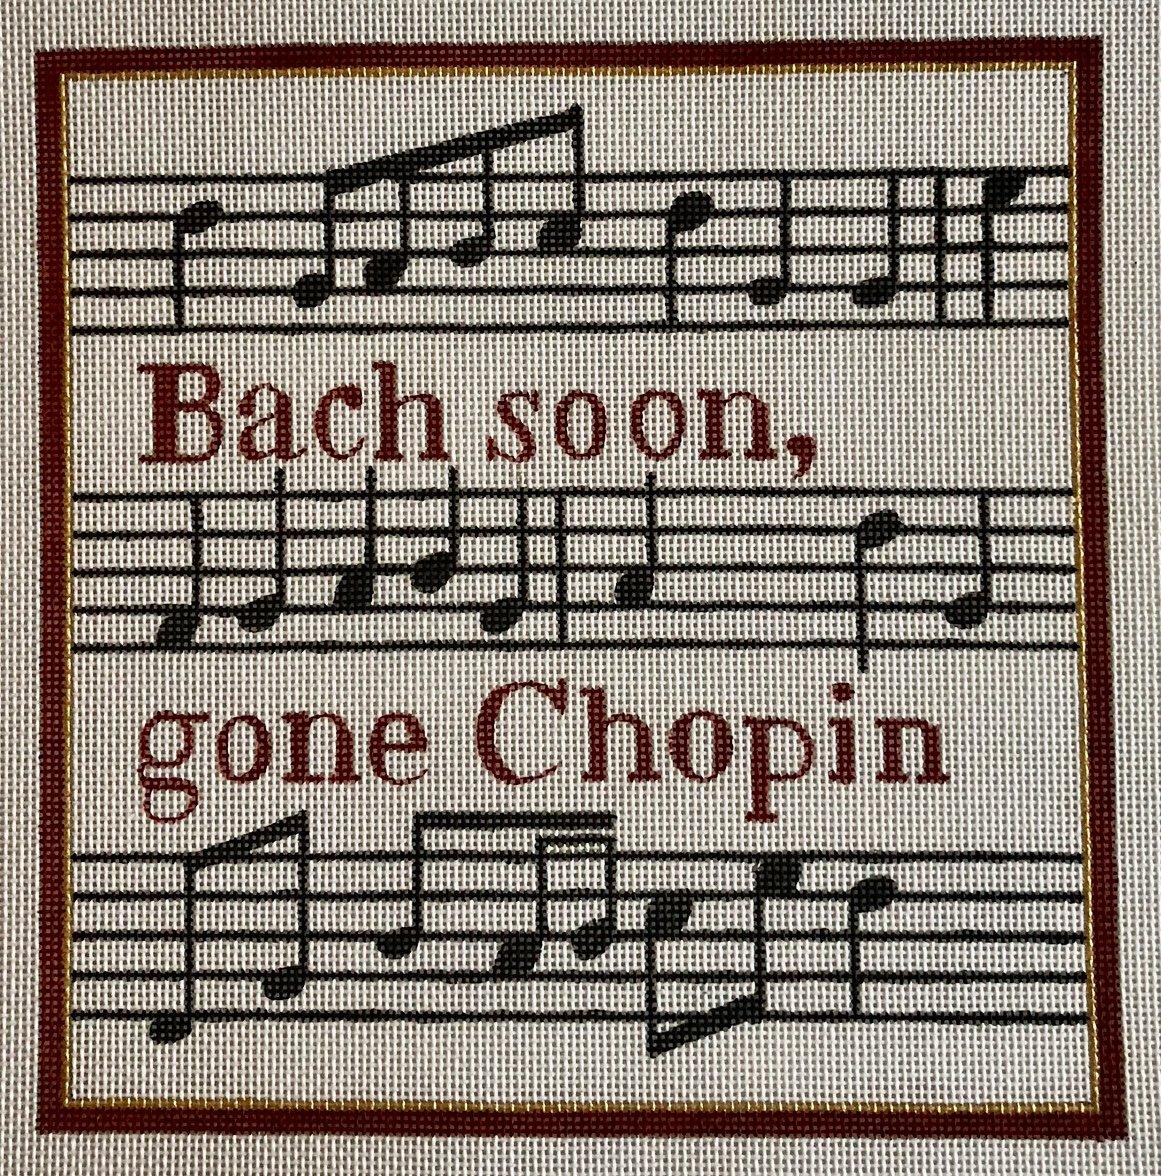 bach soon, gone chopin